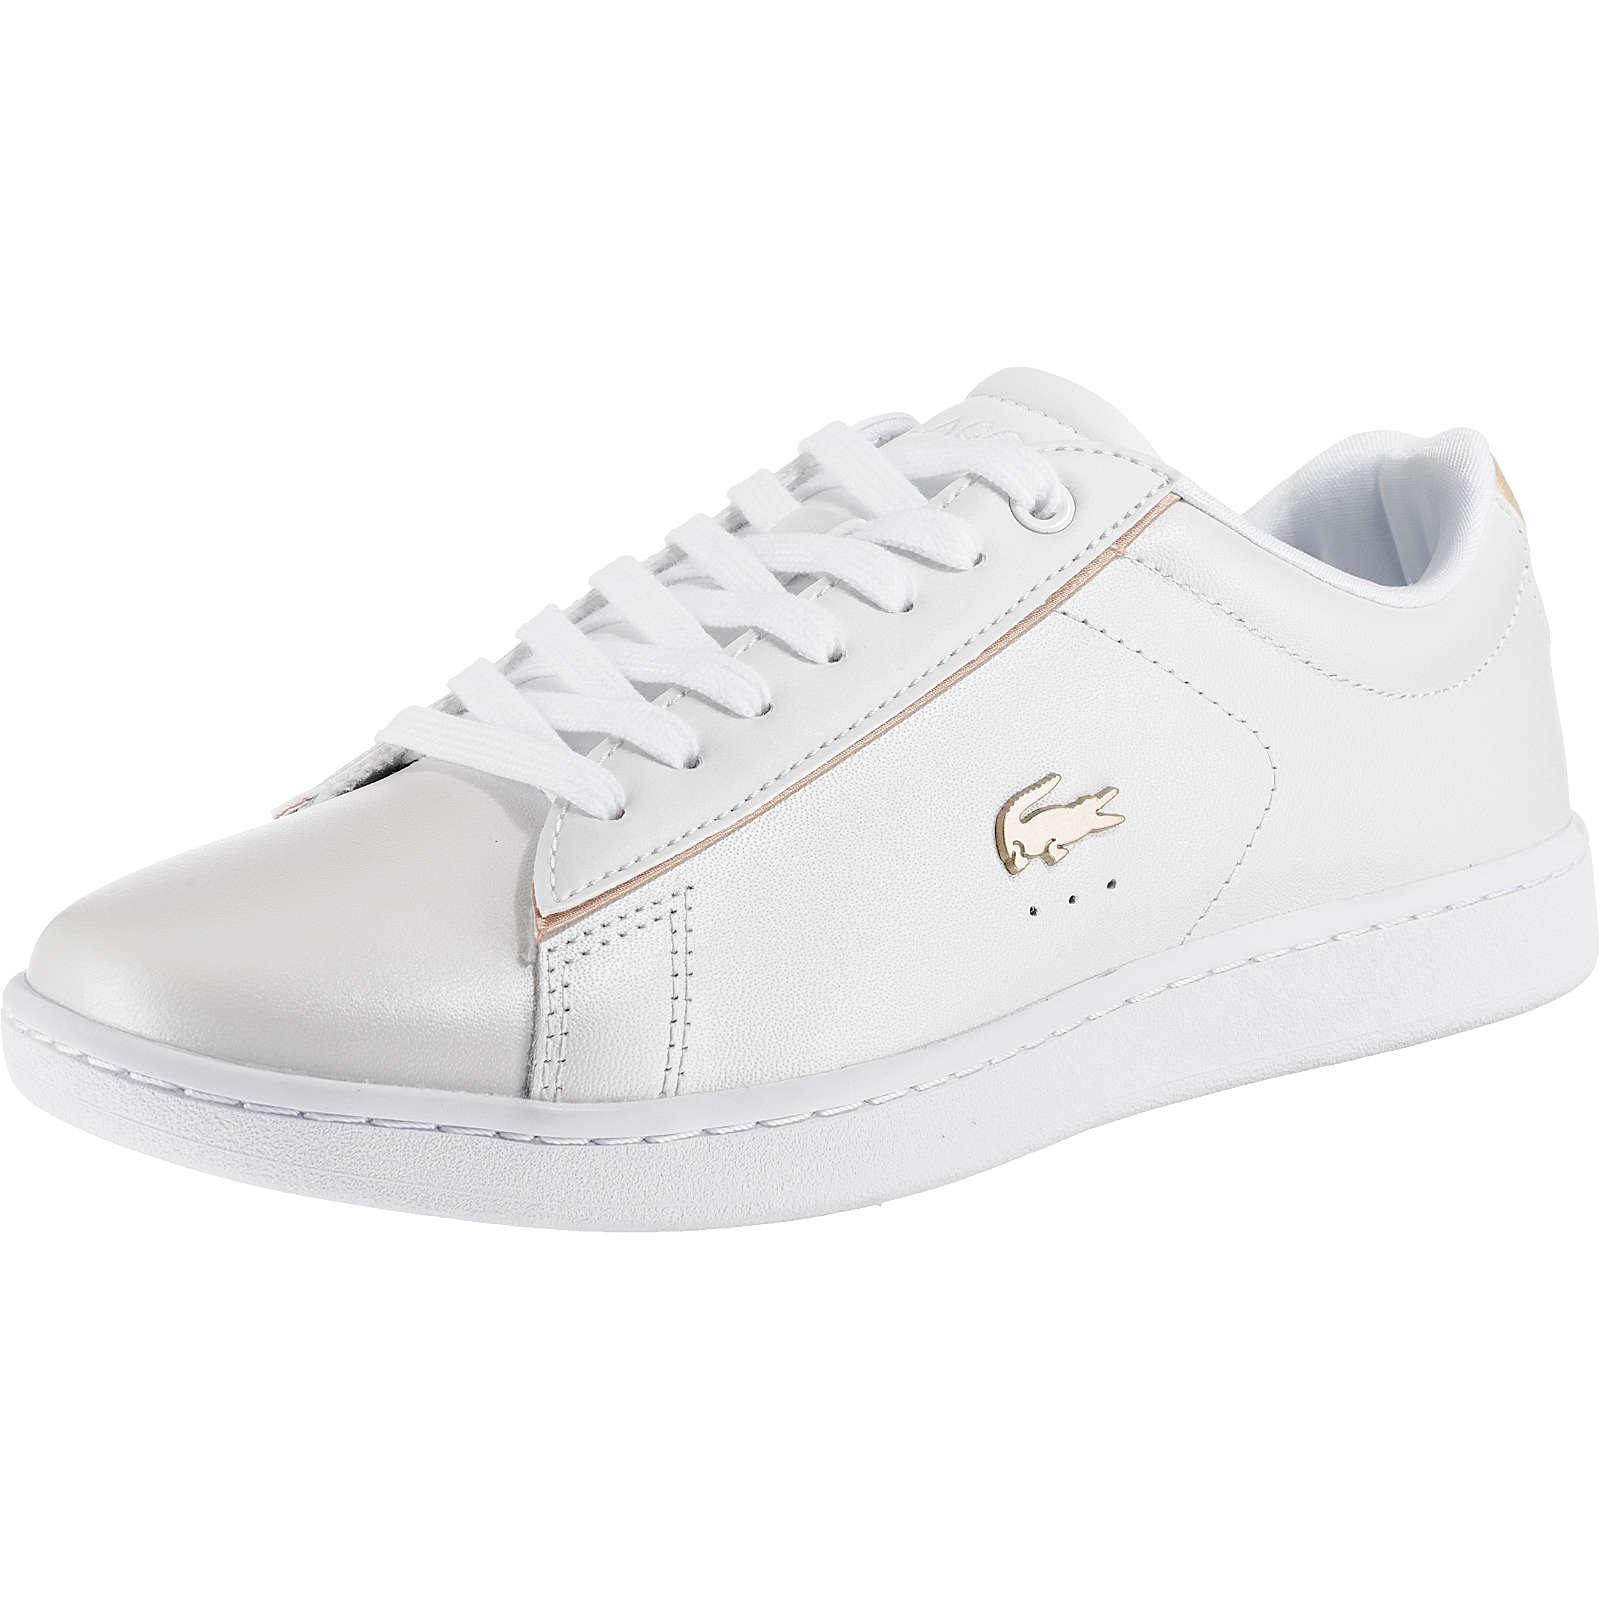 LACOSTE Carnaby Evo Sneakers Low weiß Modell 1 Damen Gr. 36